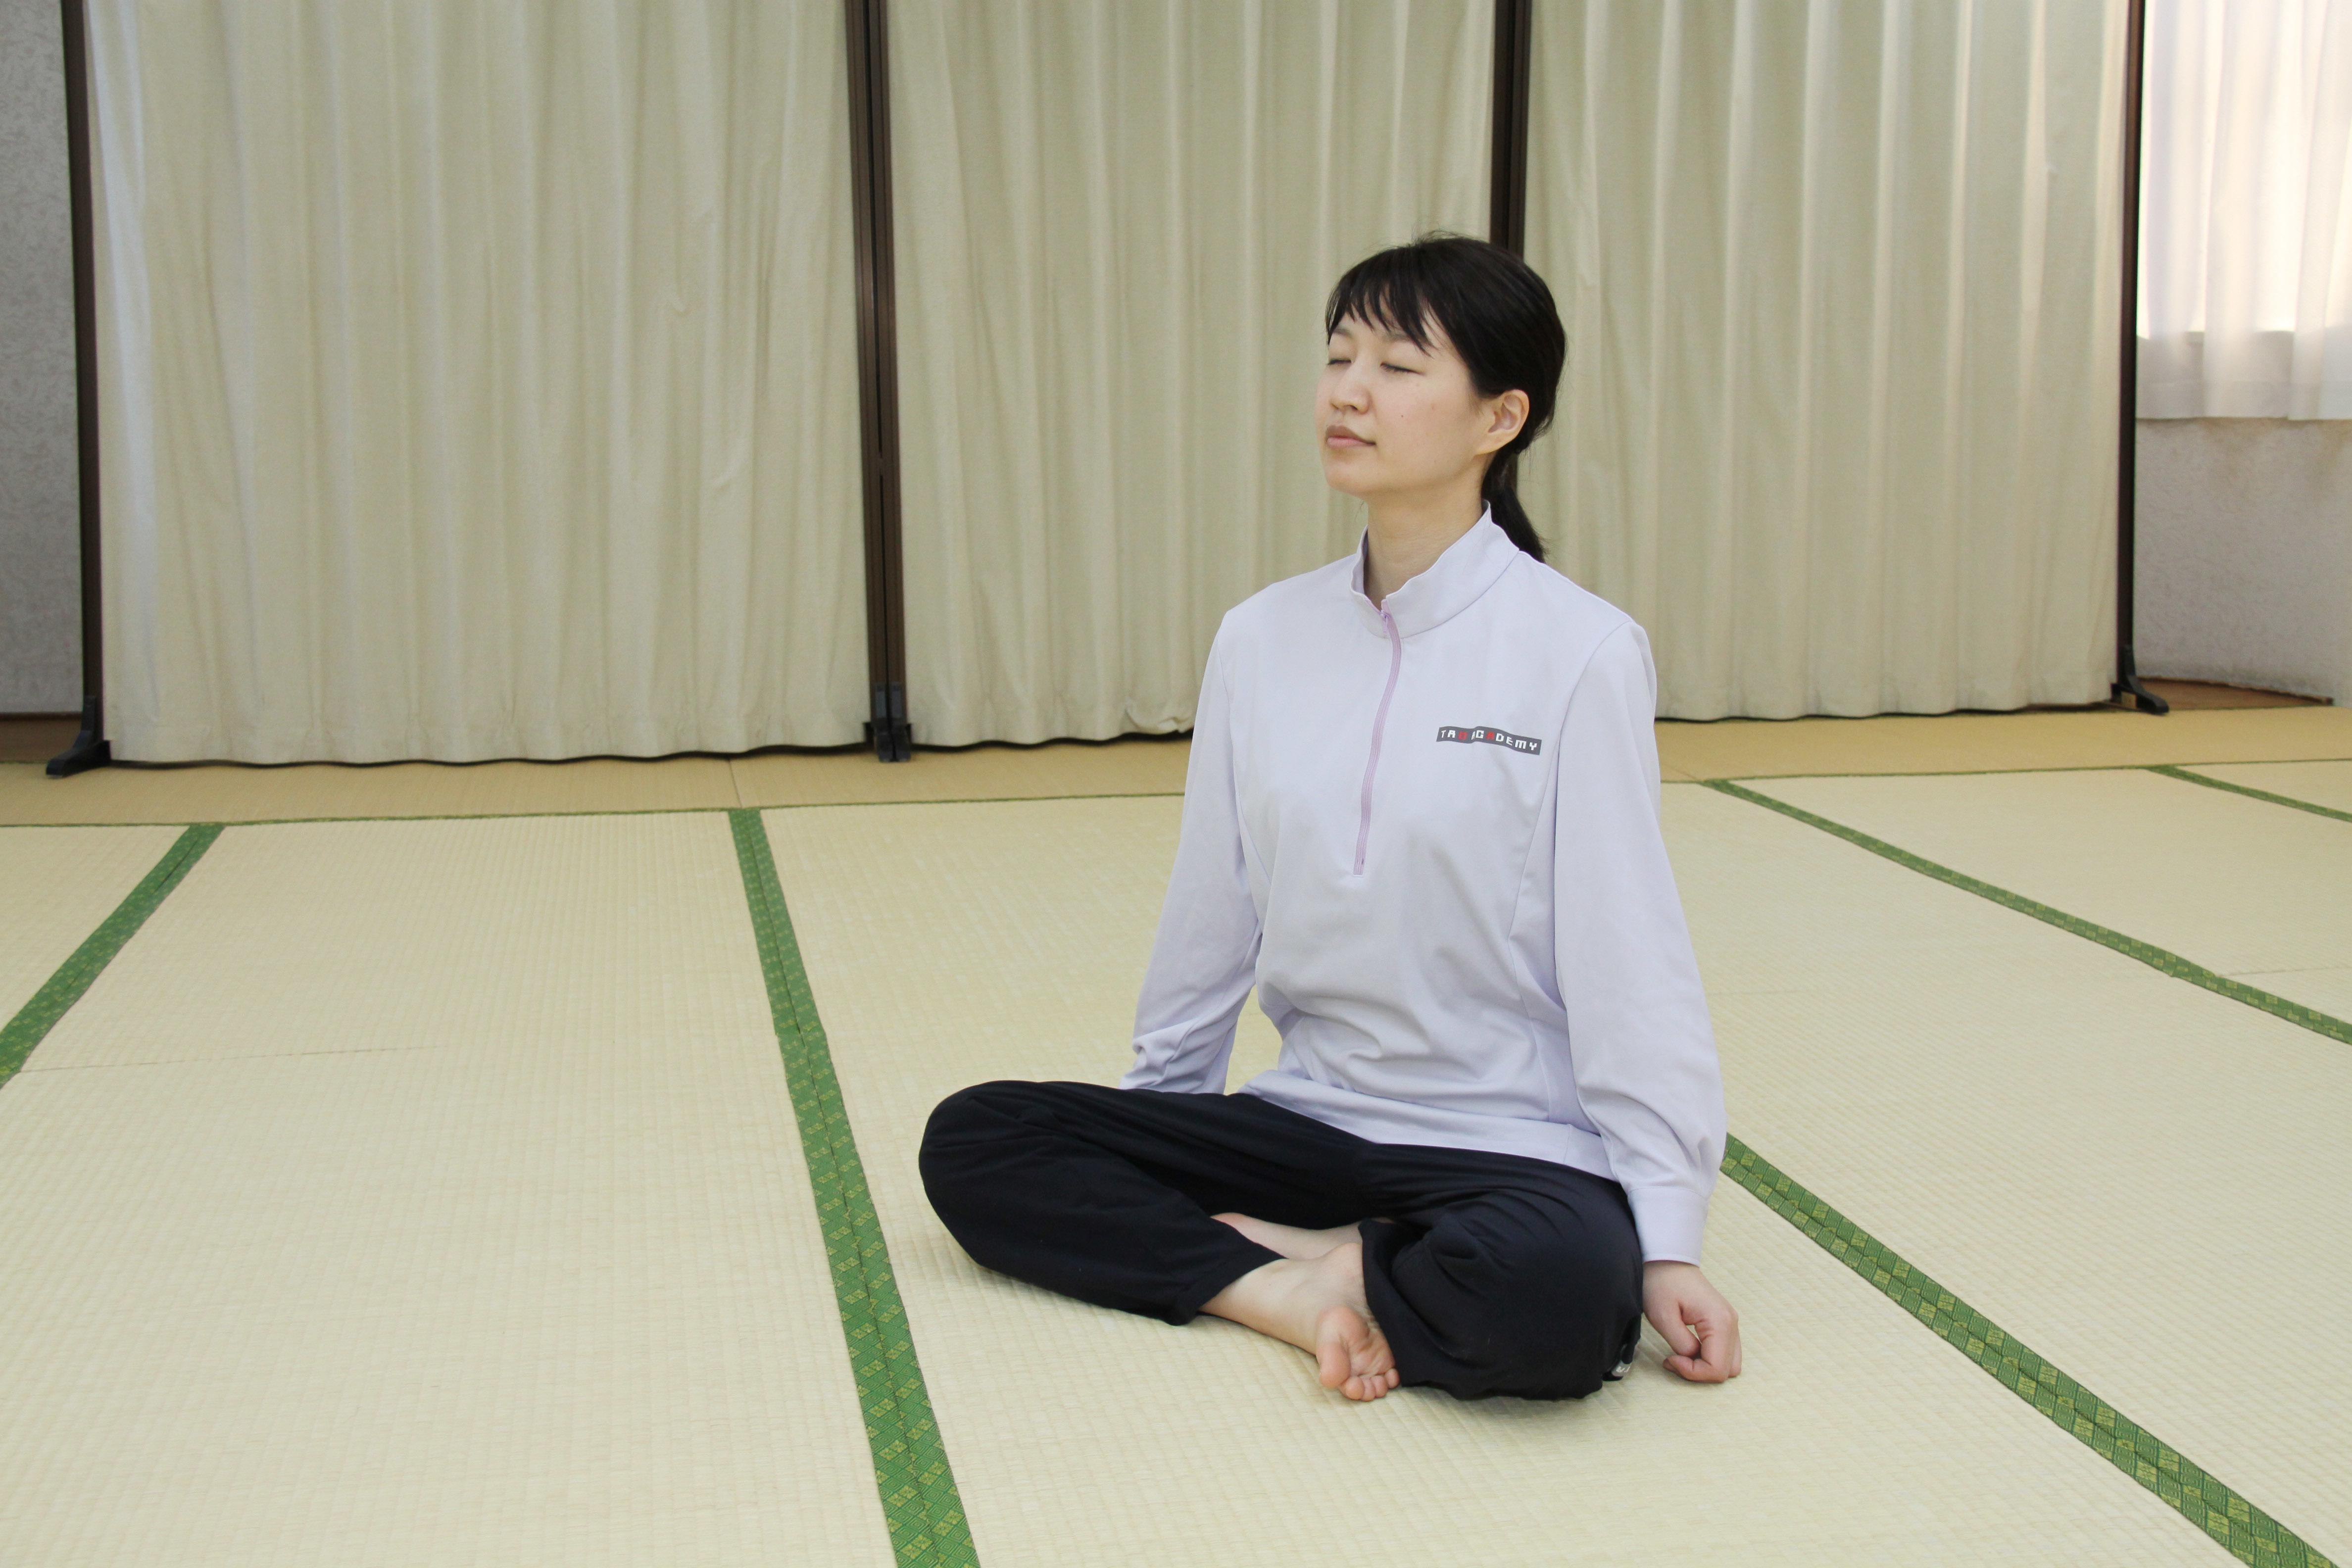 函館 TSUTAYAで習える! 気のトレーニング体験レッスン